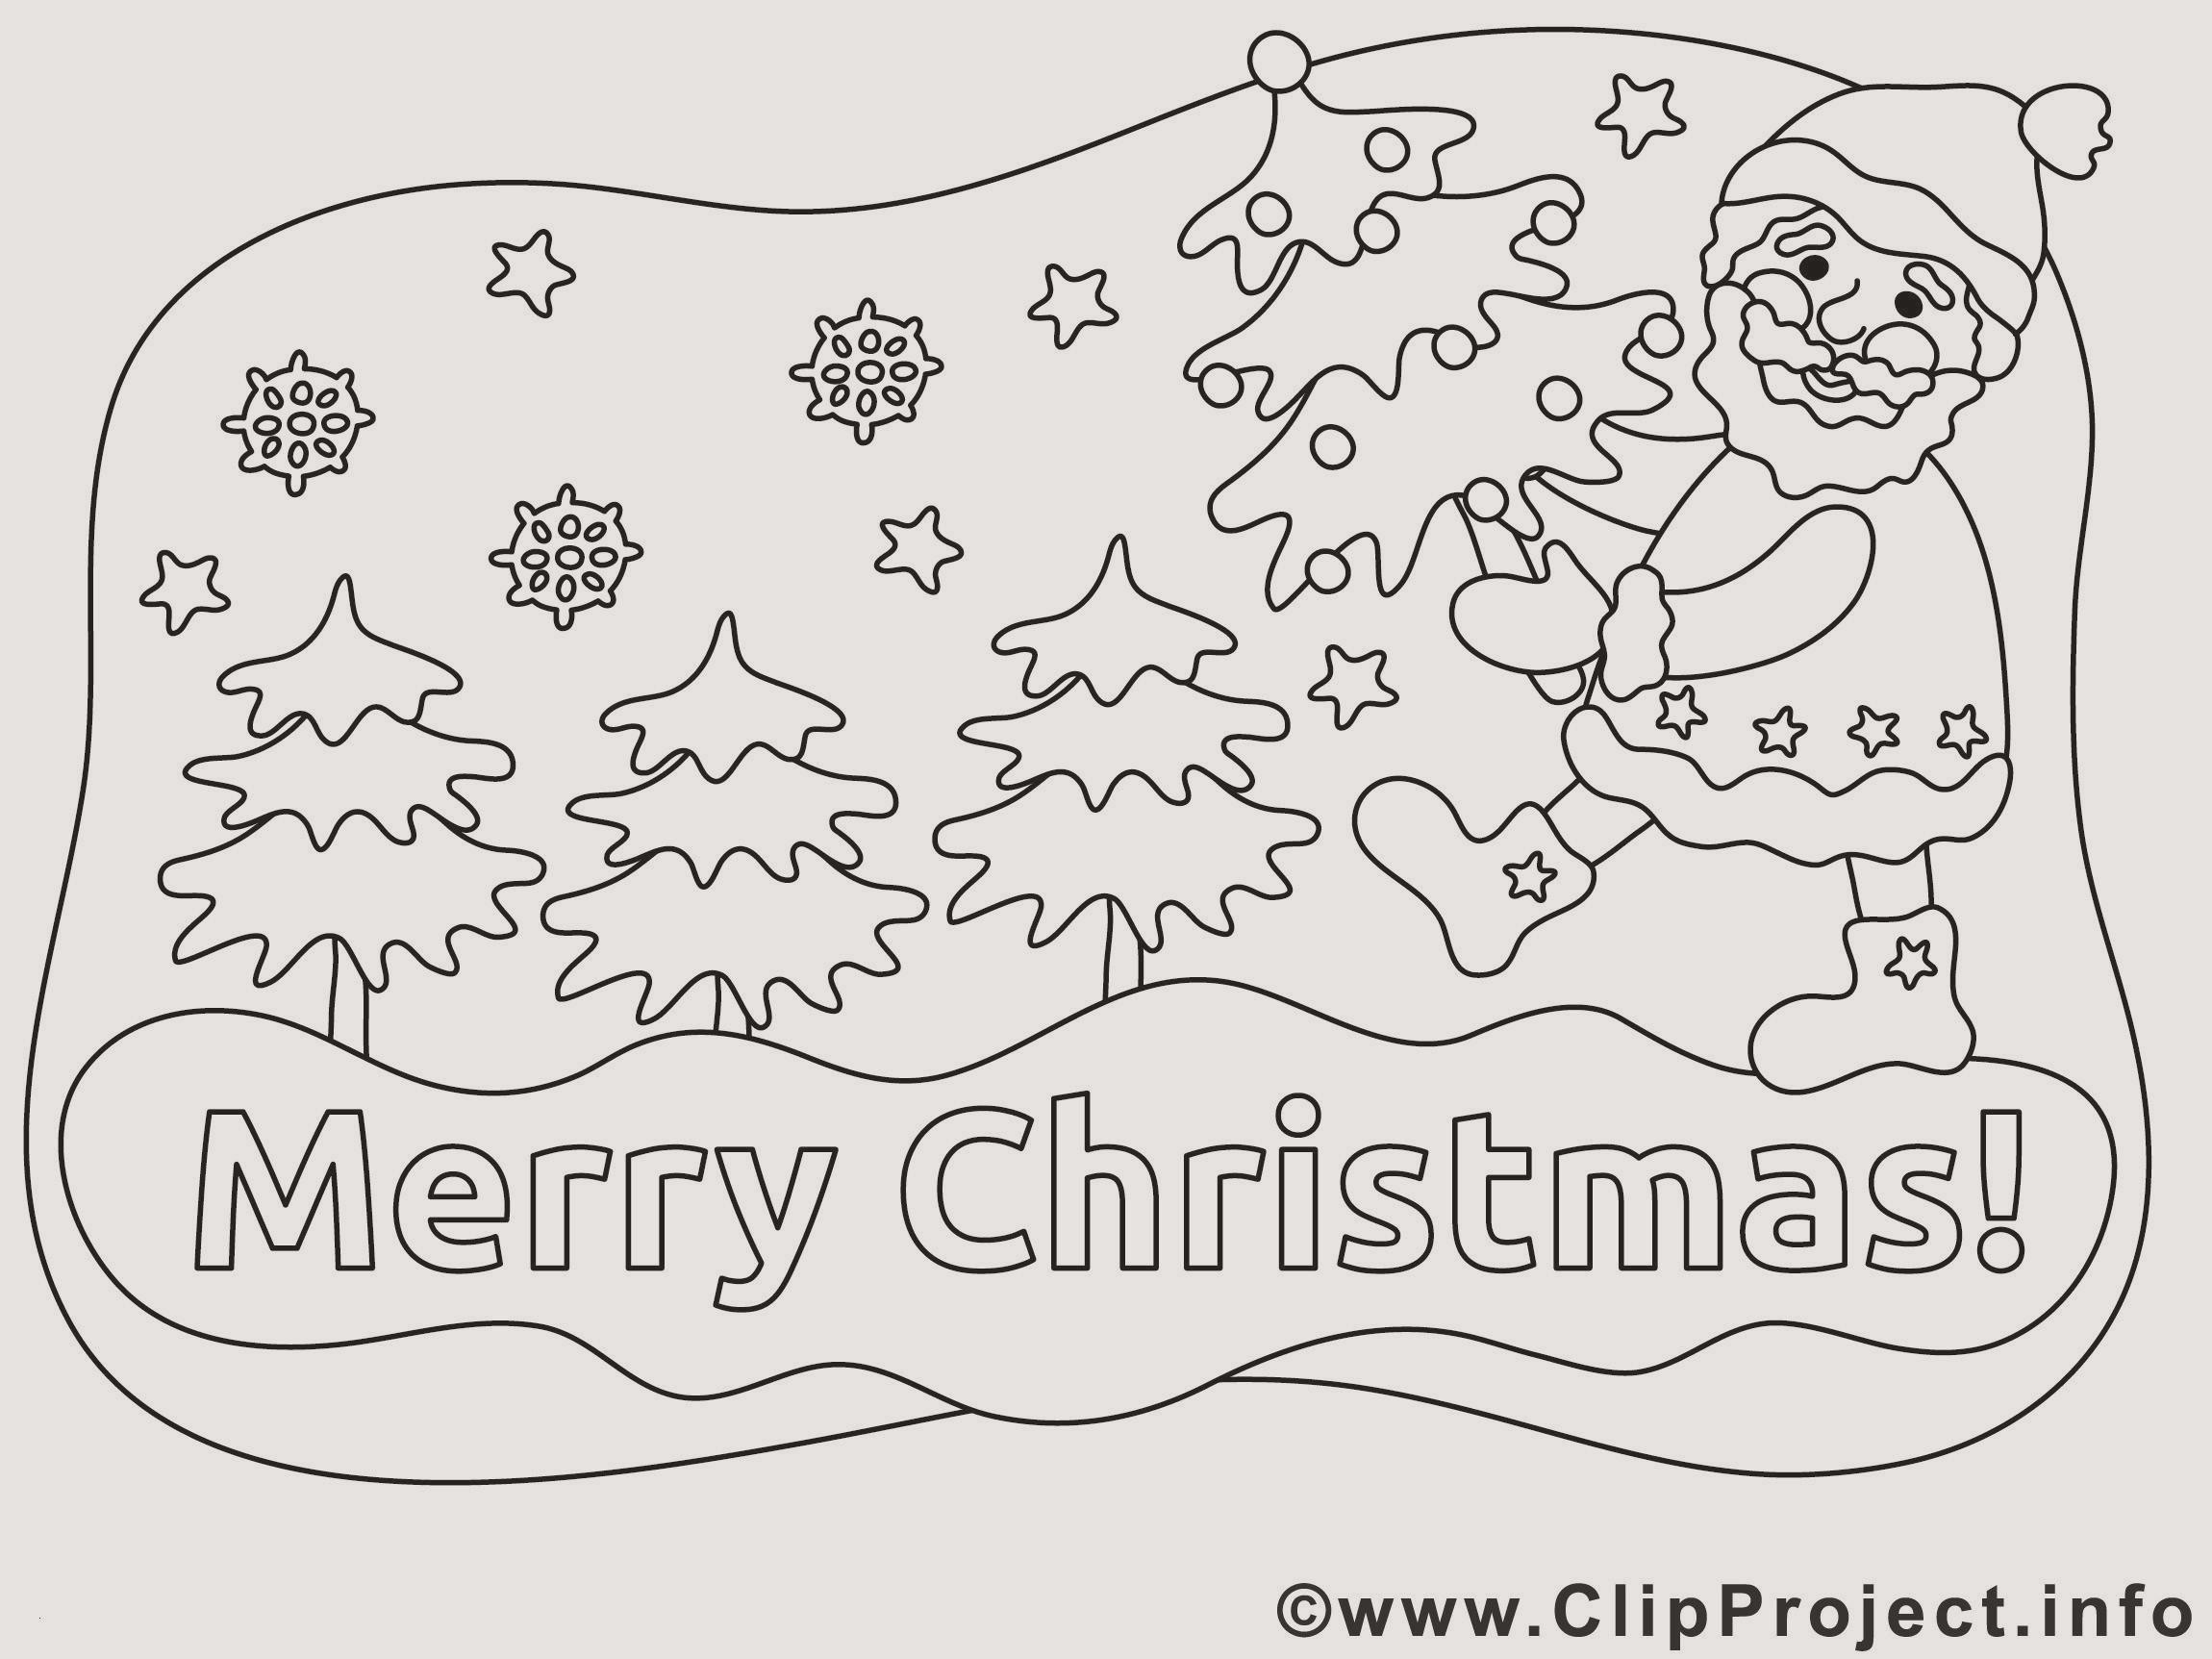 Ausmalbilder Weihnachten Für Erwachsene Zum Ausdrucken Neu 30 Best Malvorlagen Für Jungs Ausdrucken Sammlung